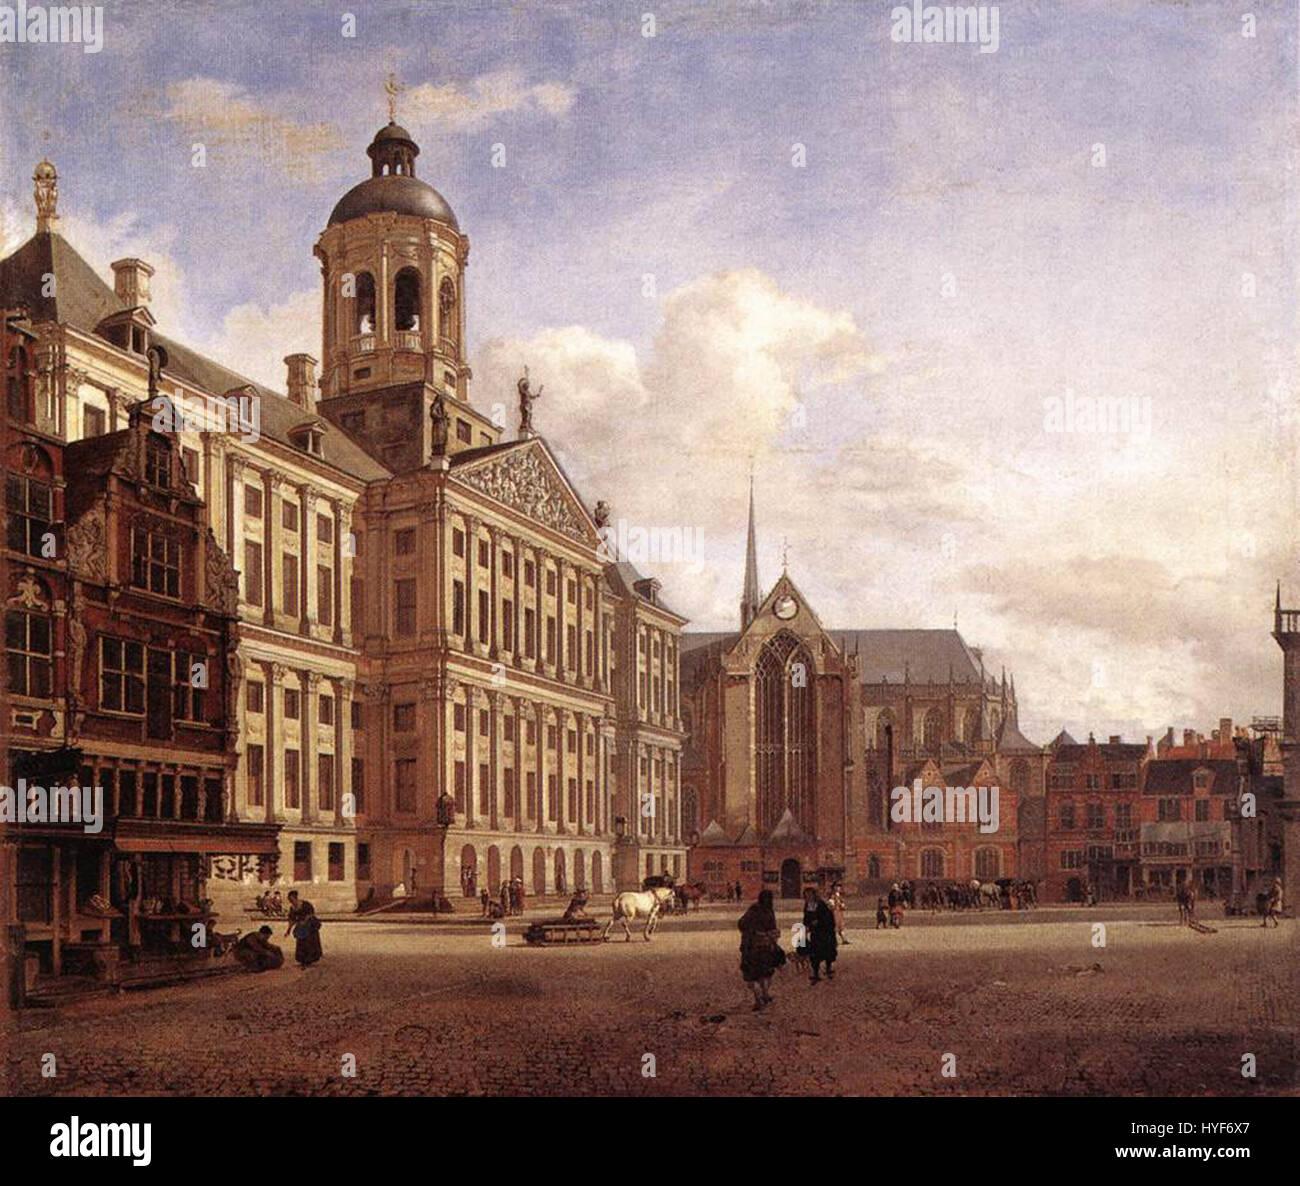 The New Town Hall in Amsterdam (1668) Jan van der Heyden